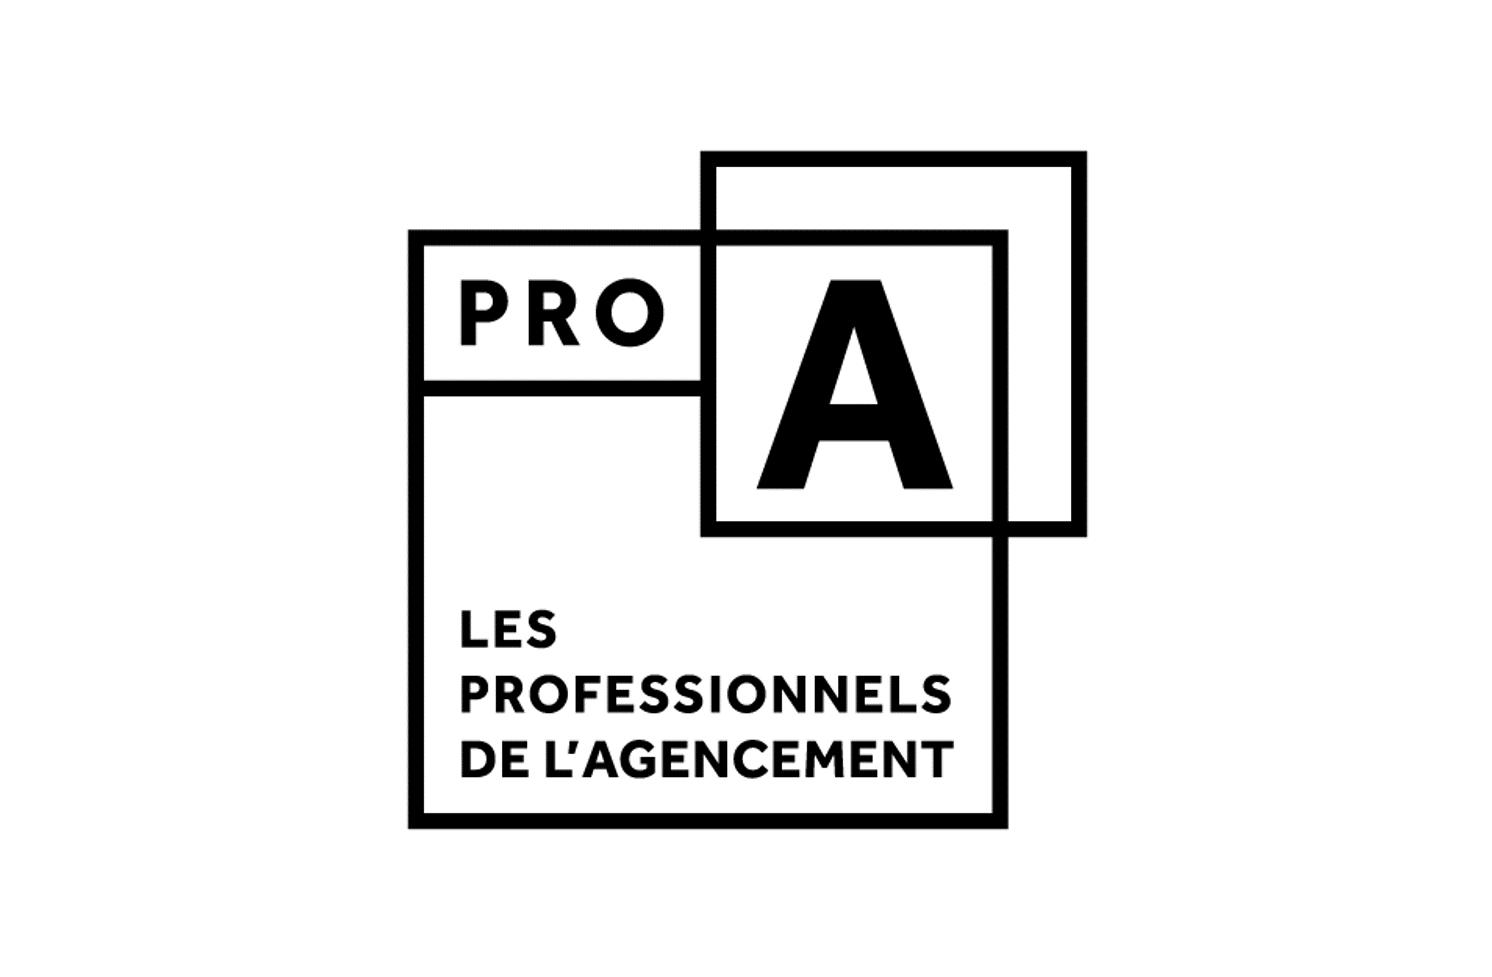 Présentation de la Chambre Française de l'Agencement